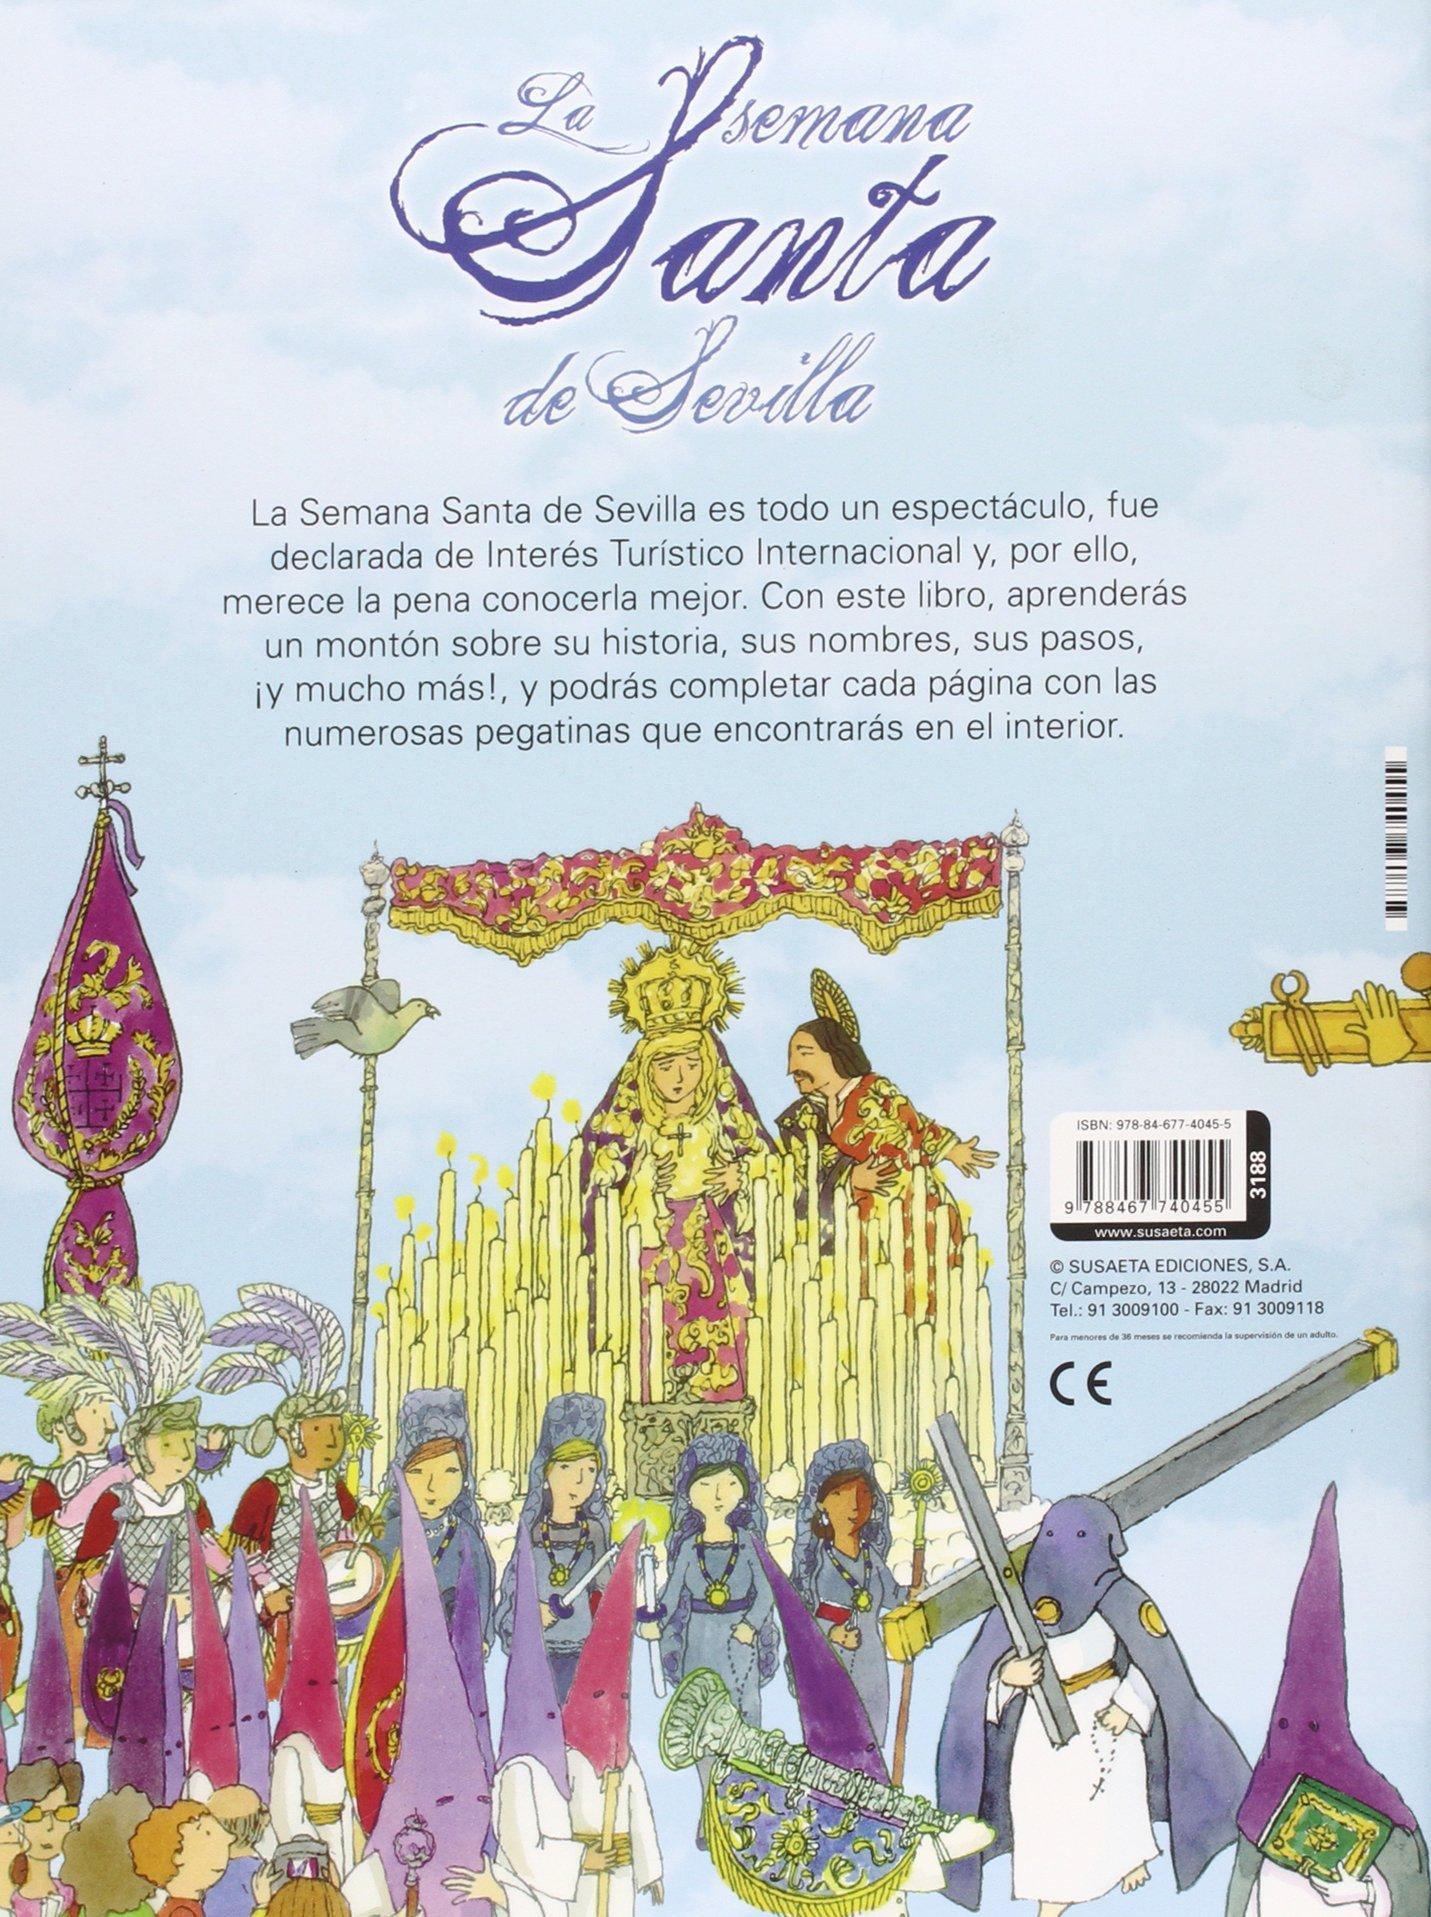 La Semana Santa de Sevilla Tradiciones con pegatinas: Amazon.es: Antonio De Benito, Rocío Martínez: Libros